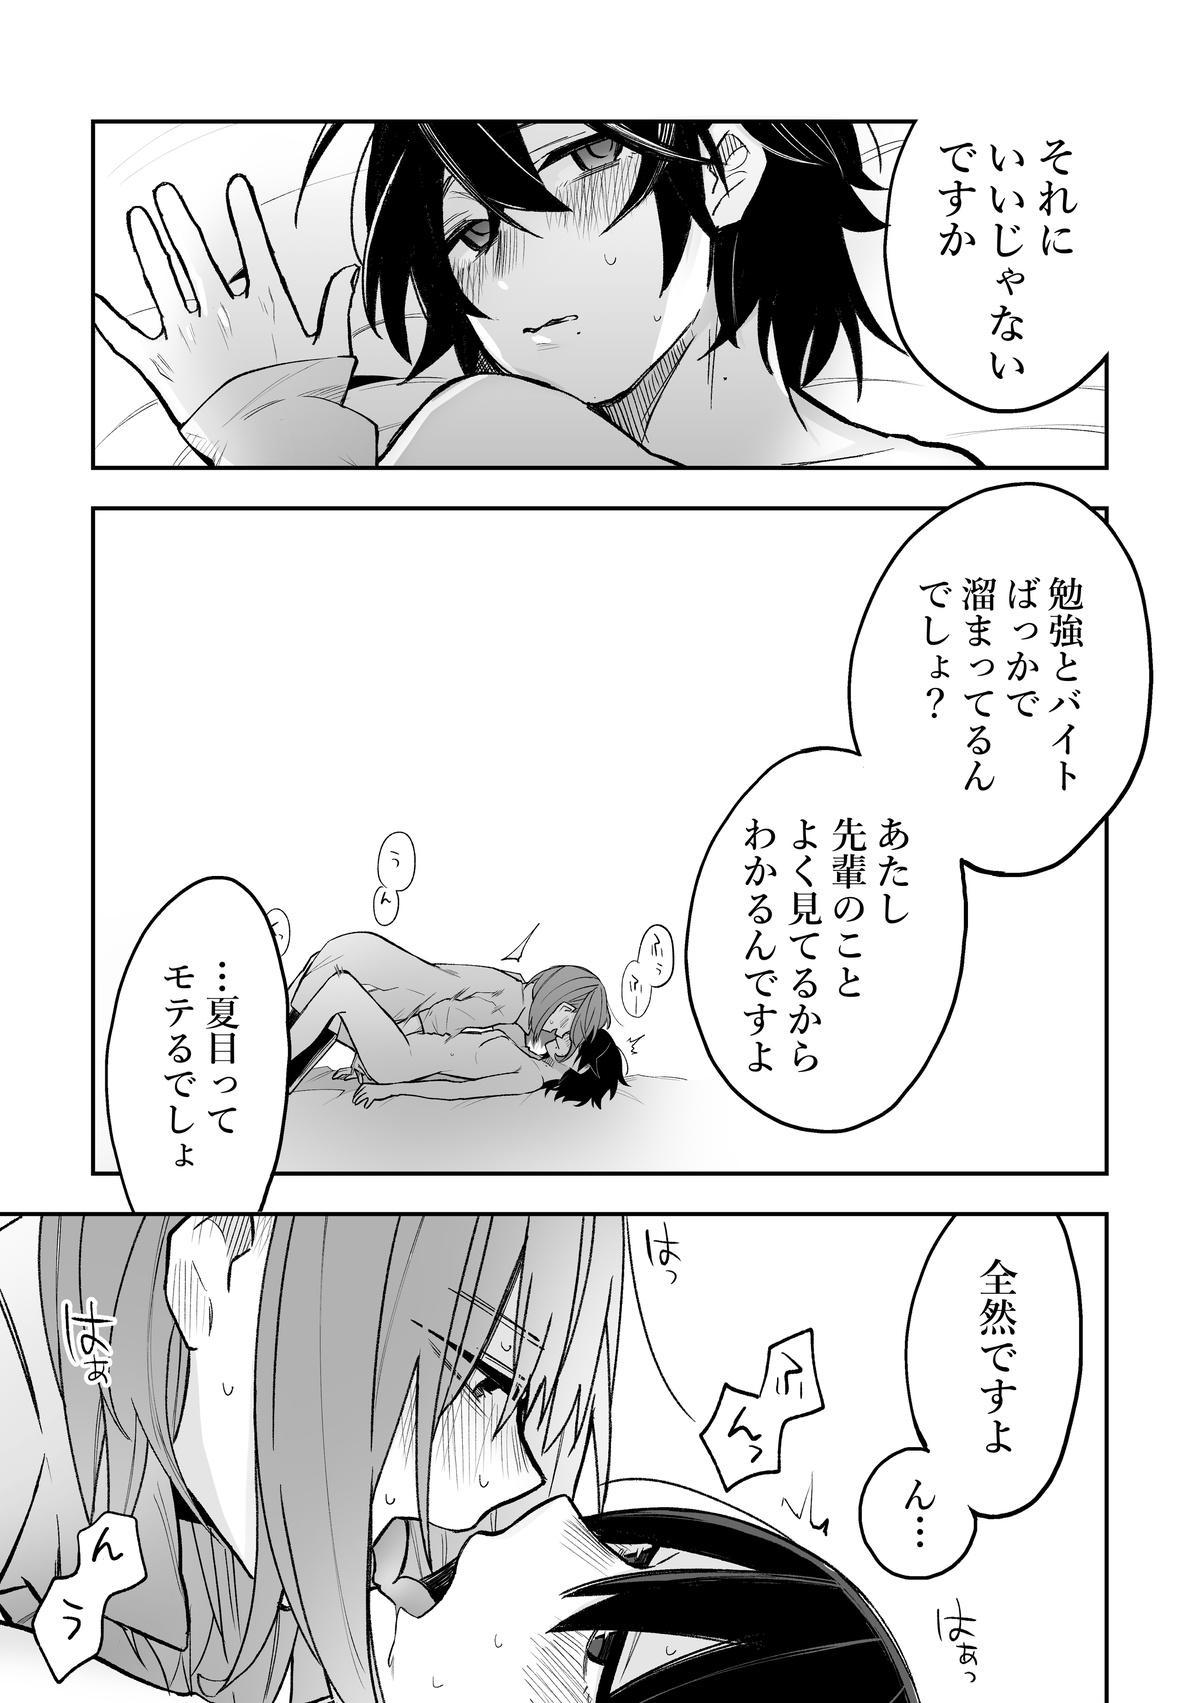 Honshin wa Makuramoto ni Kakushite. 9